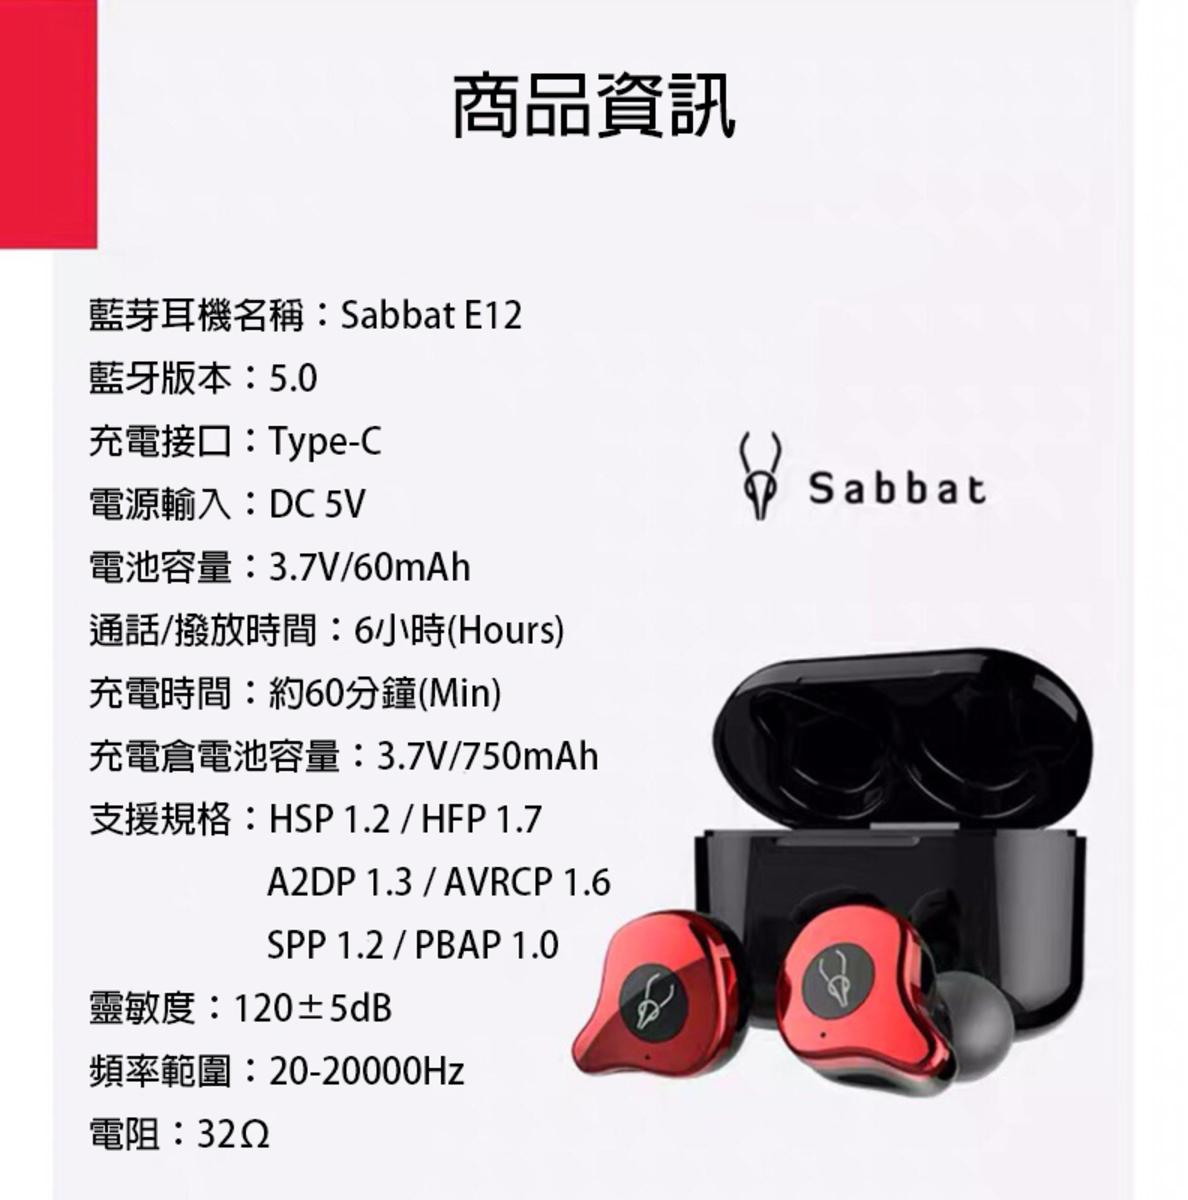 Sabbat | WS305-Sabbat E12 (Bk) | HKTVmall Online Shopping